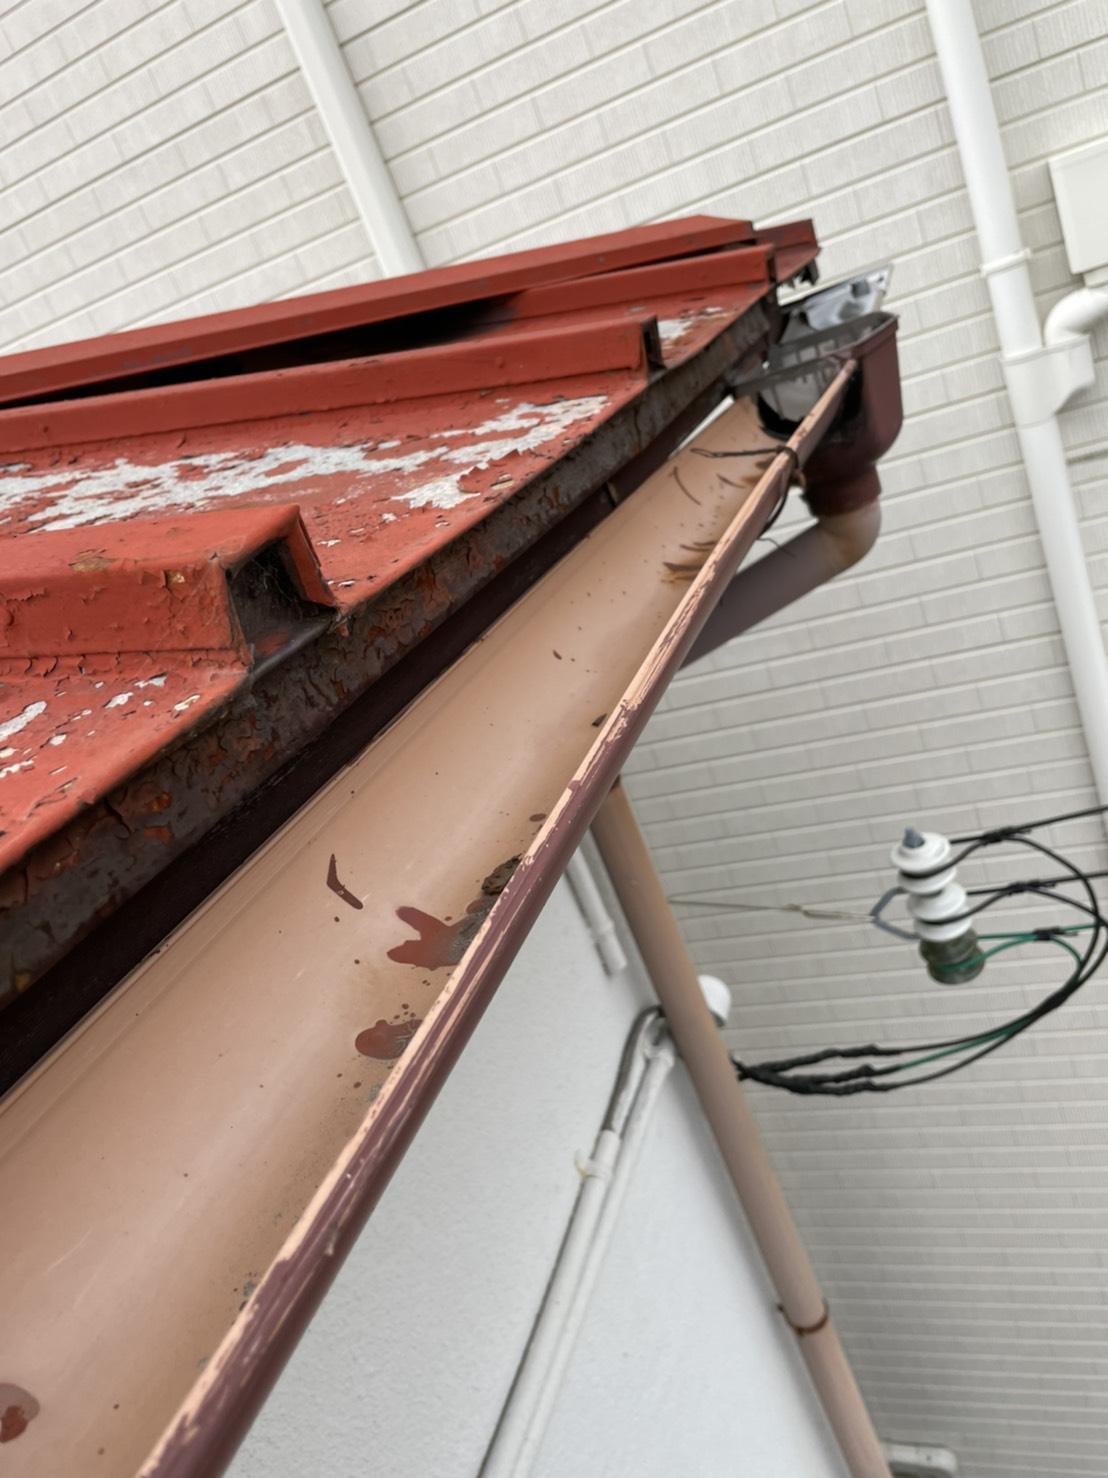 神戸市須磨区での雨樋修理を行った既存の雨樋の様子